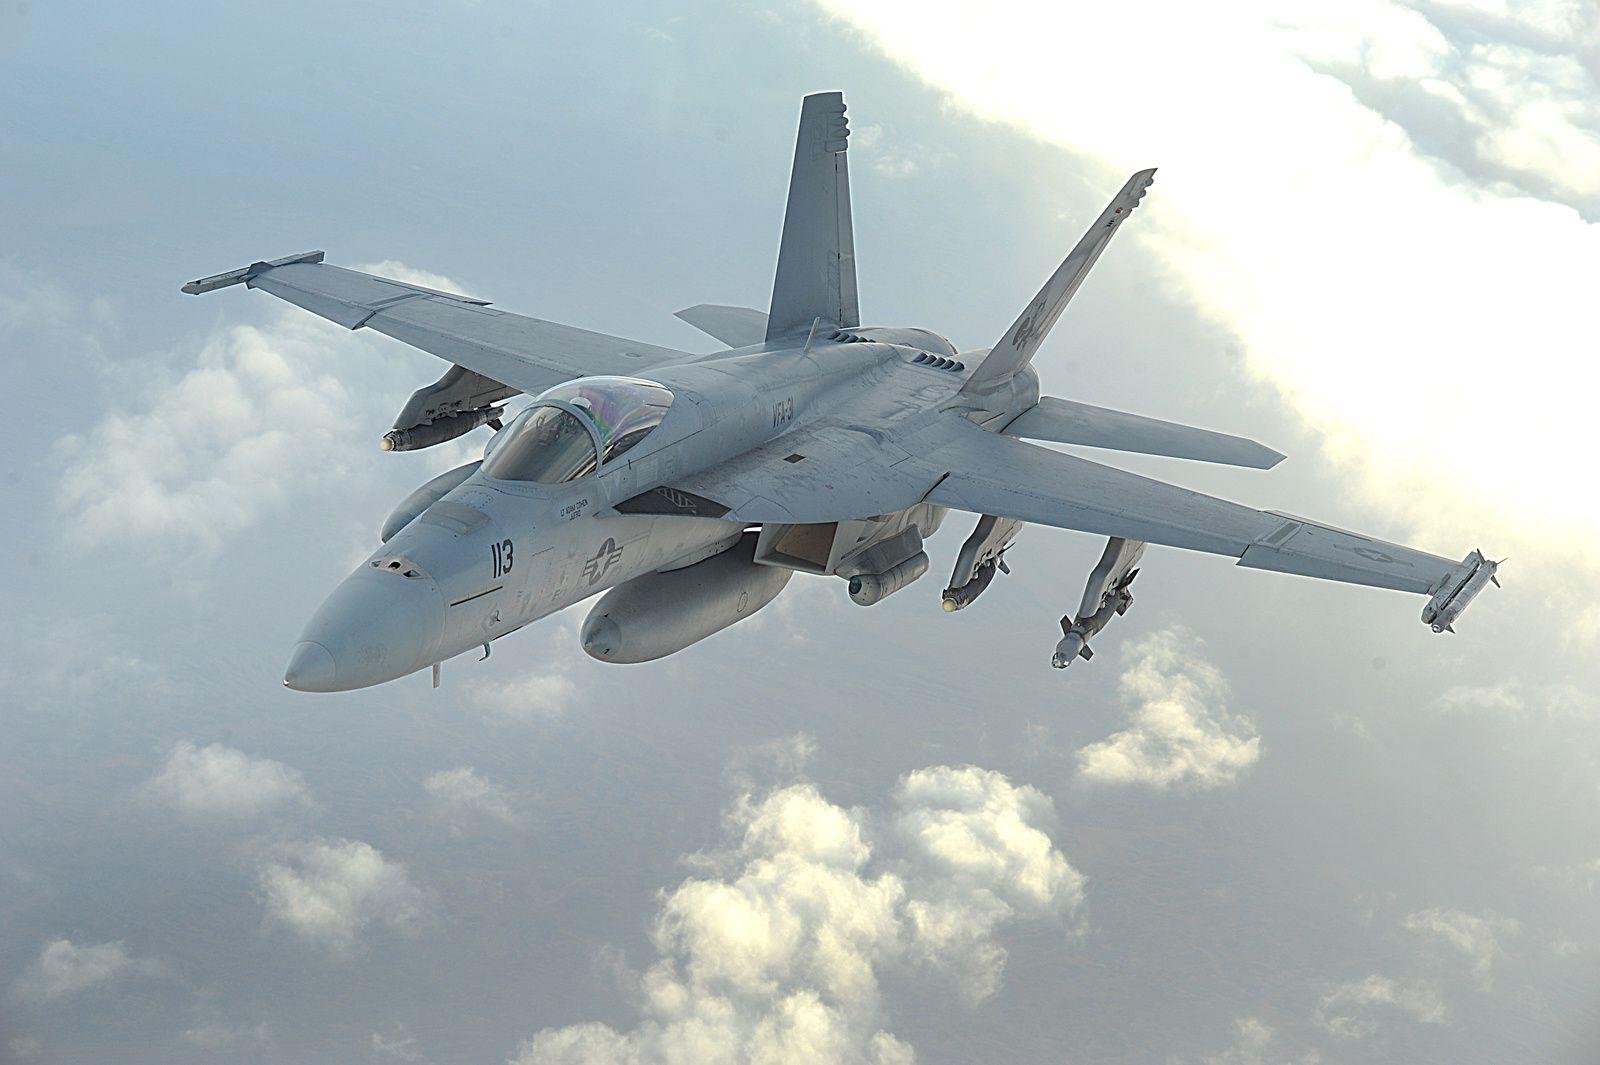 © USAF - Un F/A-18E Super Hornet au-dessus de l'Afghanistan pendant une mission d'appui aérien rapproché.